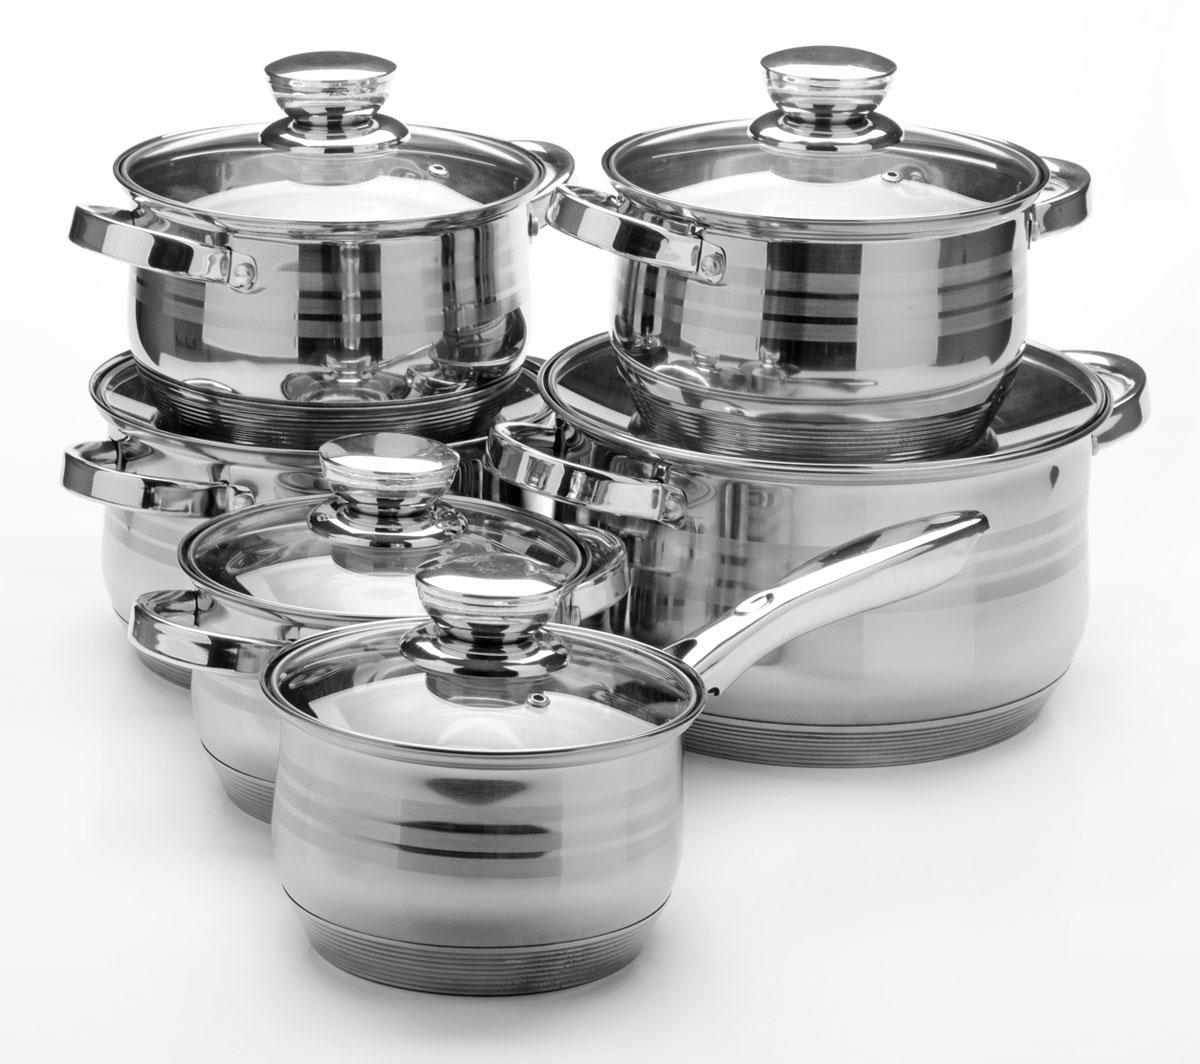 Набор посуды Mayer & Boch, 12 предметов. 2603554 009312Набор посуды станет отличным дополнением к набору кухонной утвари. С его приобретением приготовление ваших любимых блюд перейдет на качественно новый уровень и вы сможете воплотить в жизнь любые кулинарные идеи. В комплект входят 12 предметов: сотейник (объем 2,1 л), 3 кастрюли (объем 2,1, 3,9, 6,6 л) и 2 кастрюли (объем 2,9 л), 6 крышек. Набор многофункционален и удобен в использовании, подойдет для варки супов, приготовления блюд из мяса и рыбы, гарниров, соусов т. д.